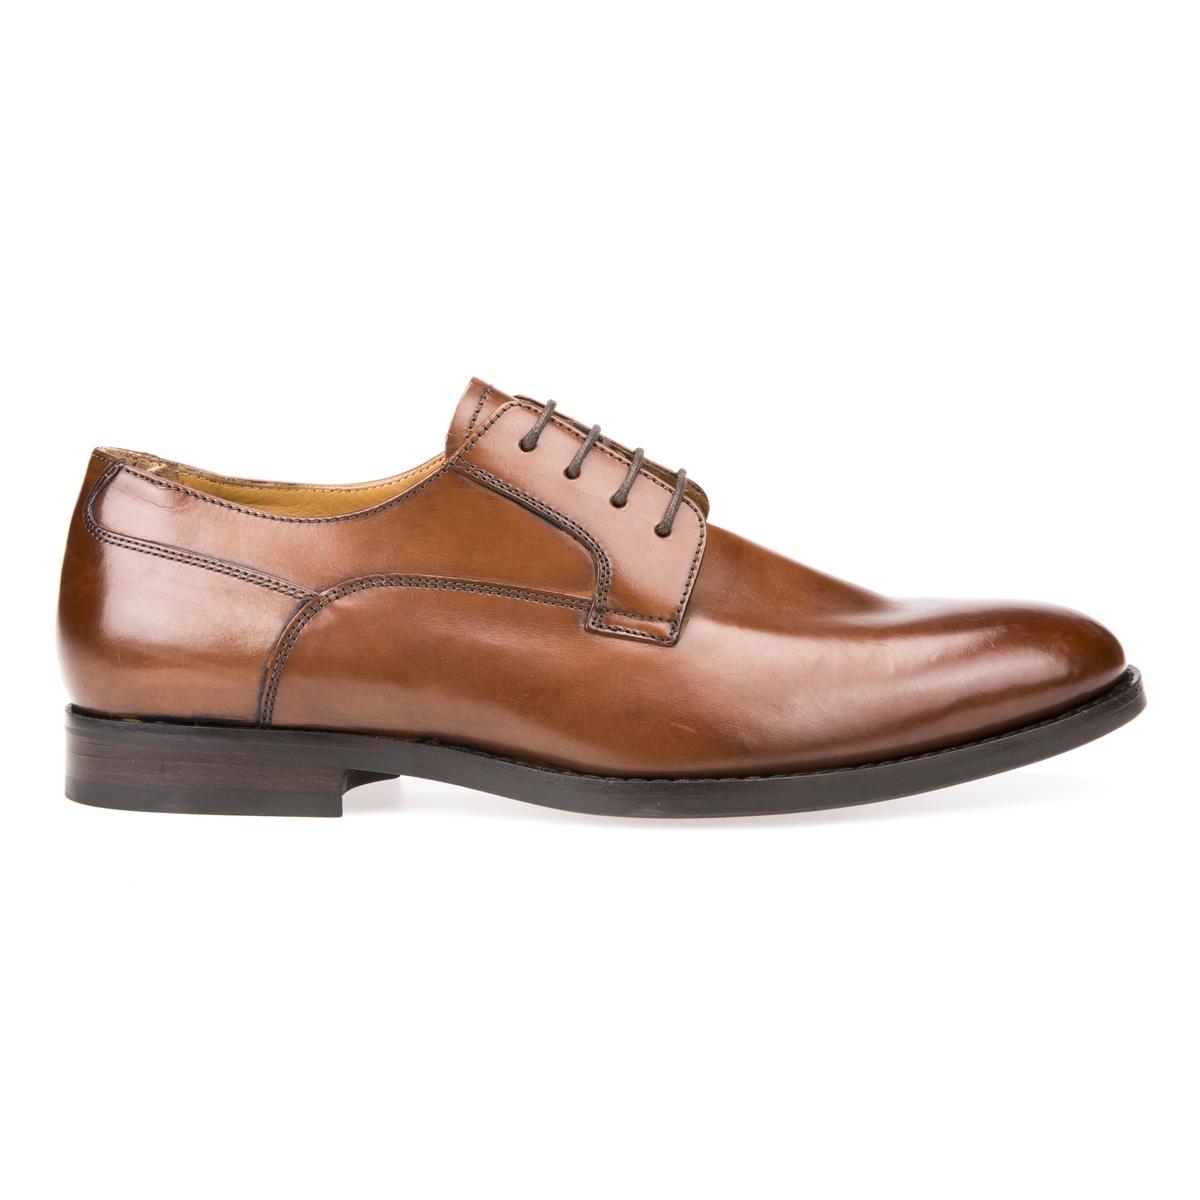 Ботинки-дерби кожаные U HAMPSTEAD A ботинки дерби d janalee a